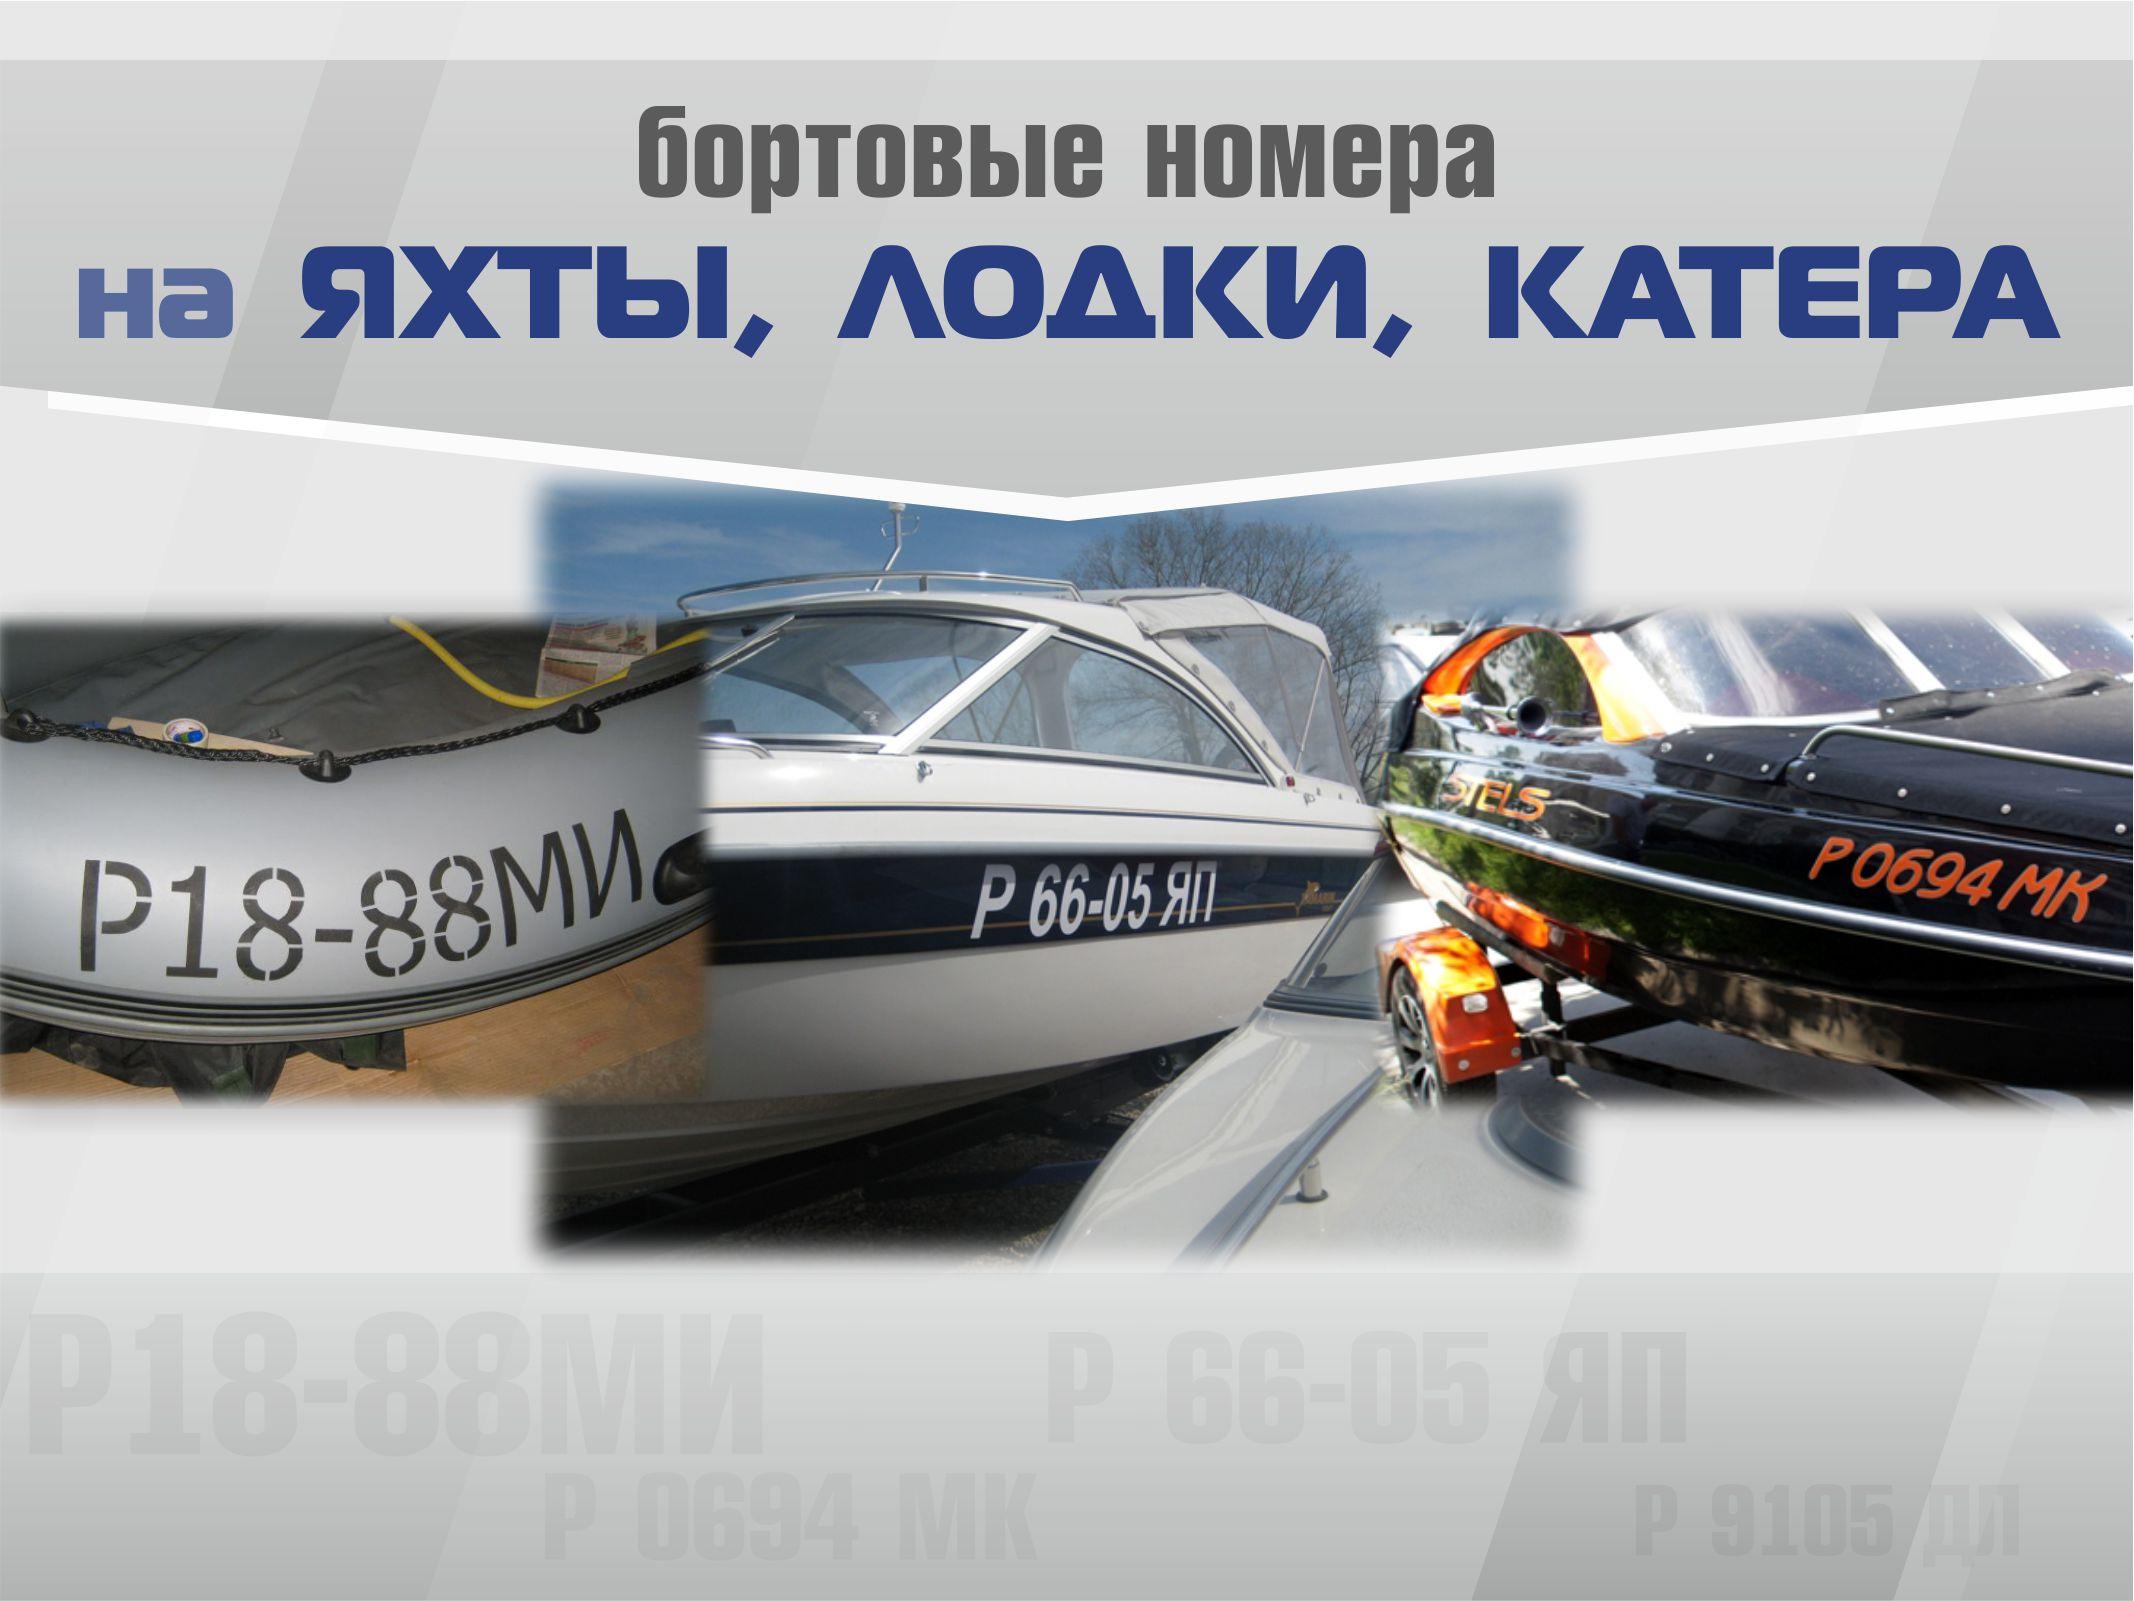 бортовые номера на яхты, лодки, катера